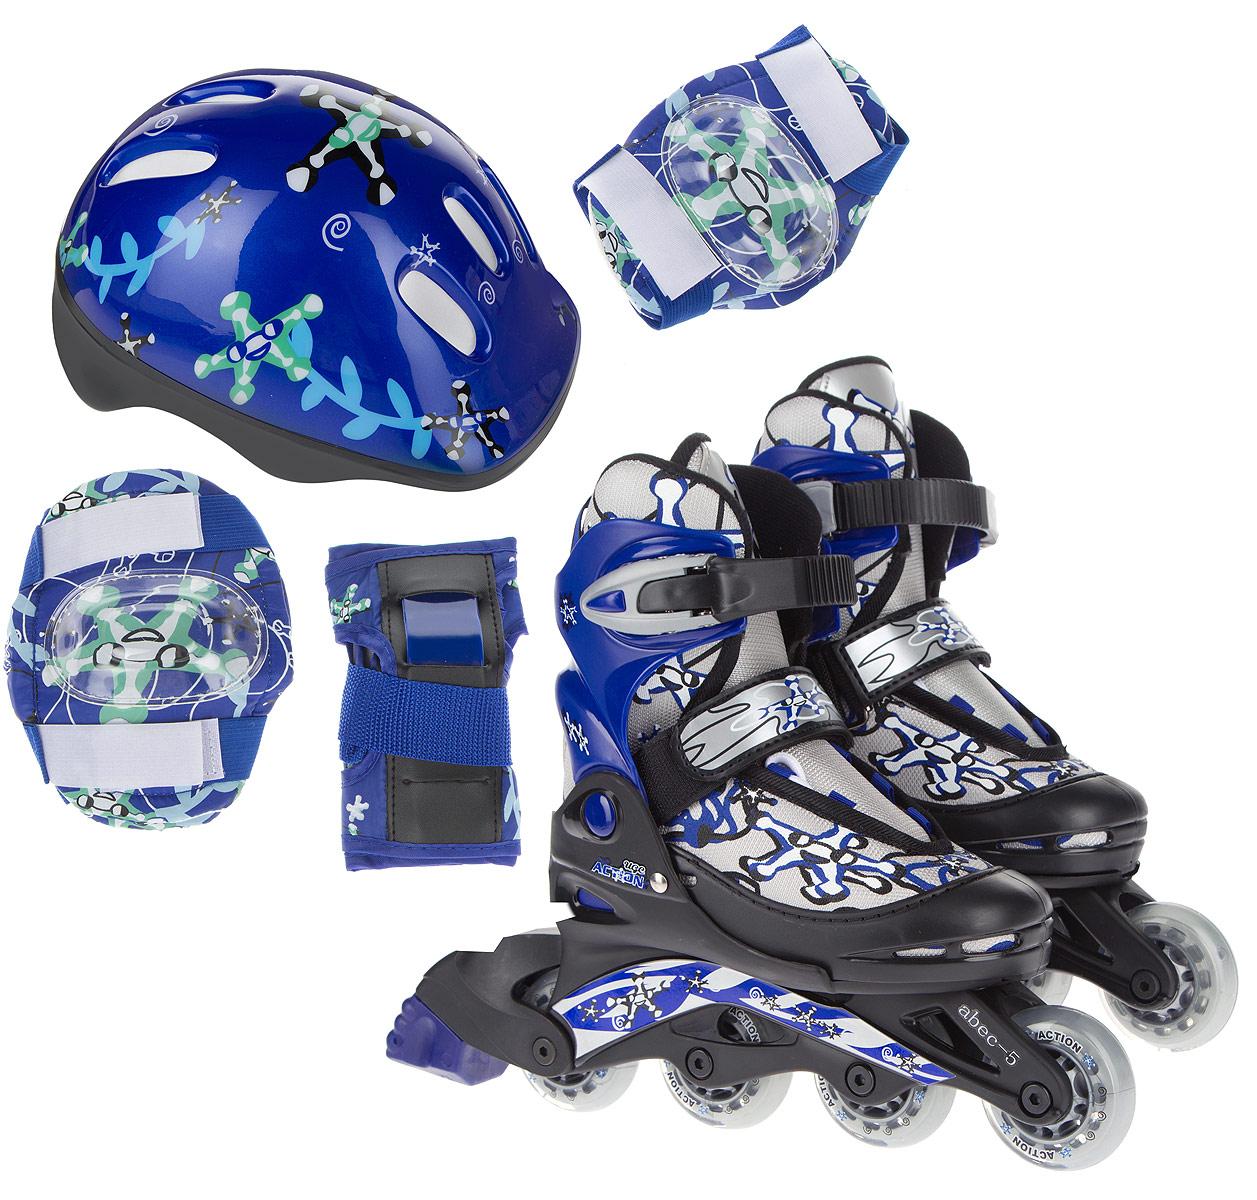 Набор Action: коньки роликовые, защита, шлем, цвет: синий, серый, черный, светло-зеленый, белый. PW-780. Размер 30/33PW-780Набор для катания на роликах Action состоит из роликовых коньков, защиты (колени, локти, запястья) и шлема. Ботинок конька изготовлен из текстильного материла со вставкам из искусственной кожи, обеспечивающих максимальную вентиляцию ноги. Облегченная конструкция ботинка из пластика обеспечивает улучшенную боковую поддержку и полный контроль над движением. Изделие по верху декорировано оригинальным принтом. Подкладка из мягкого текстиля комфортна при езде. Стелька изготовлена из ЭВА материала с текстильной верхней поверхностью. Классическая шнуровка с ремнем на липучке обеспечивает плотное закрепление пятки. На голенище модель фиксируется клипсой с фиксатором. Прочная рама из полипропилена отлично передает усилие ноги и позволяет быстро разгоняться. Полиуретановые колеса обеспечат плавное и бесшумное движение. Износостойкие подшипники класса ABEC-5 наименее восприимчивы к попаданию влаги и песка. Задник оснащен широкой текстильной петлей, благодаря которой изделие удобно обувать....